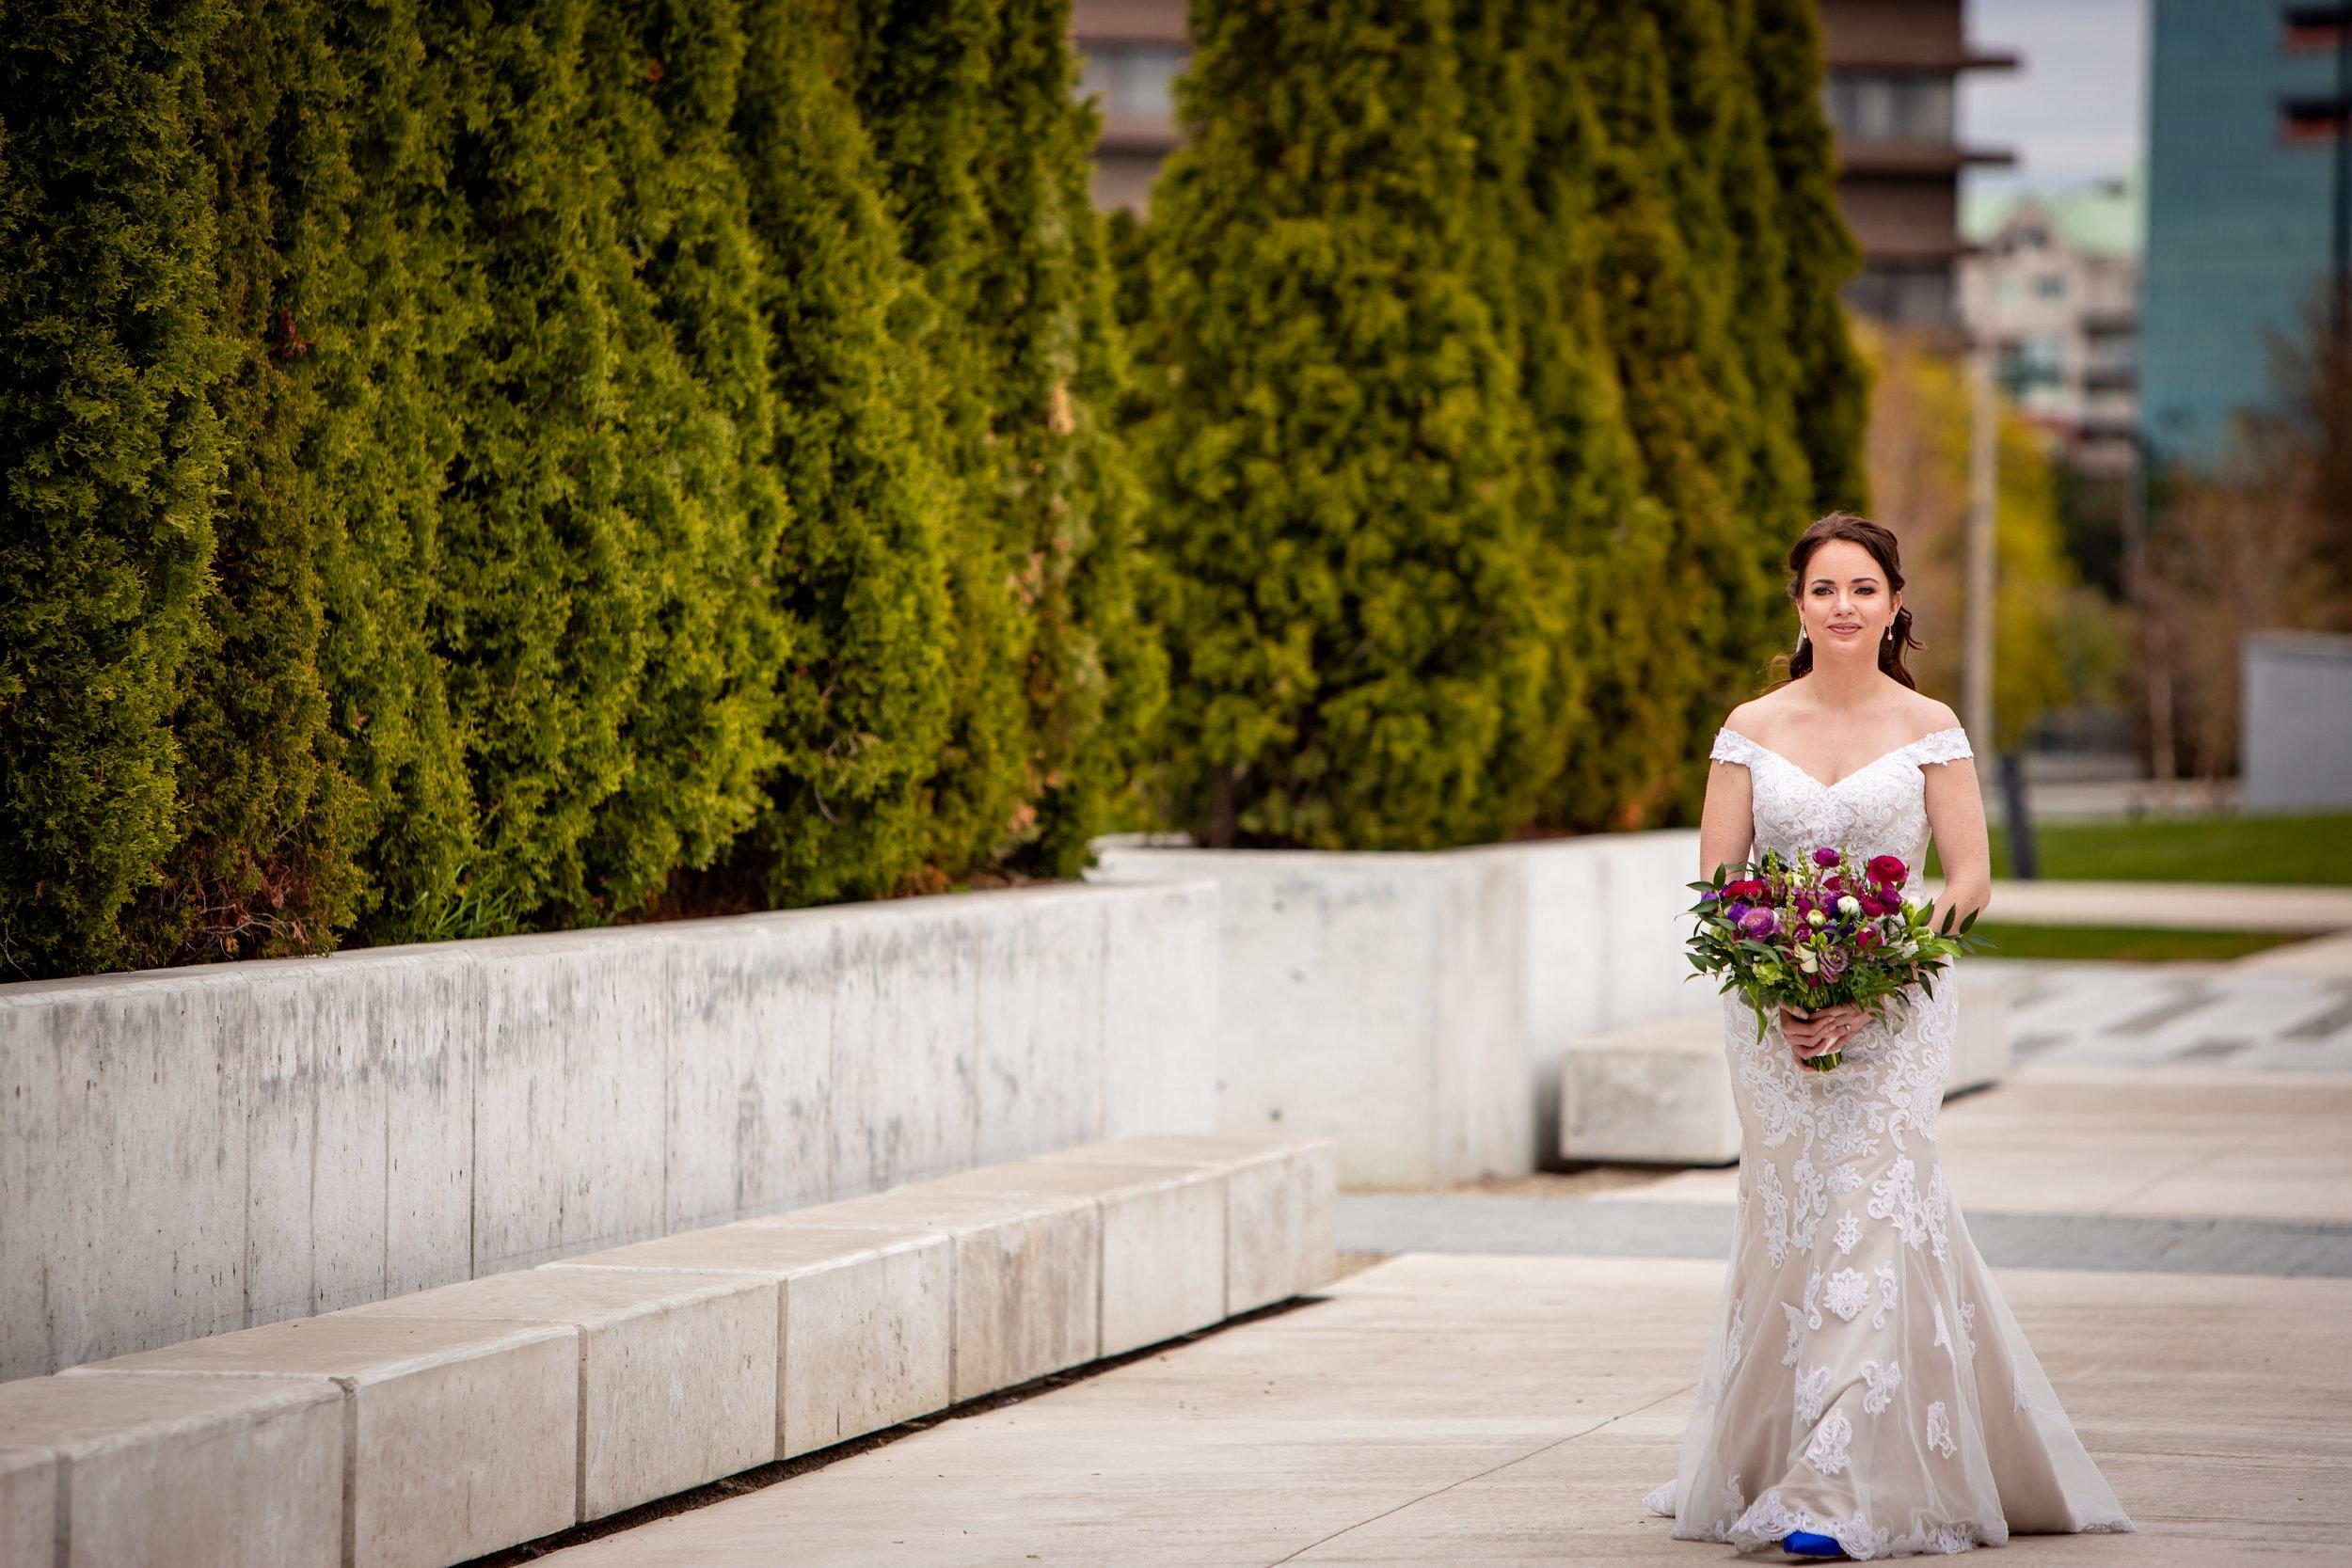 YMG-wedding-photos-26.jpg